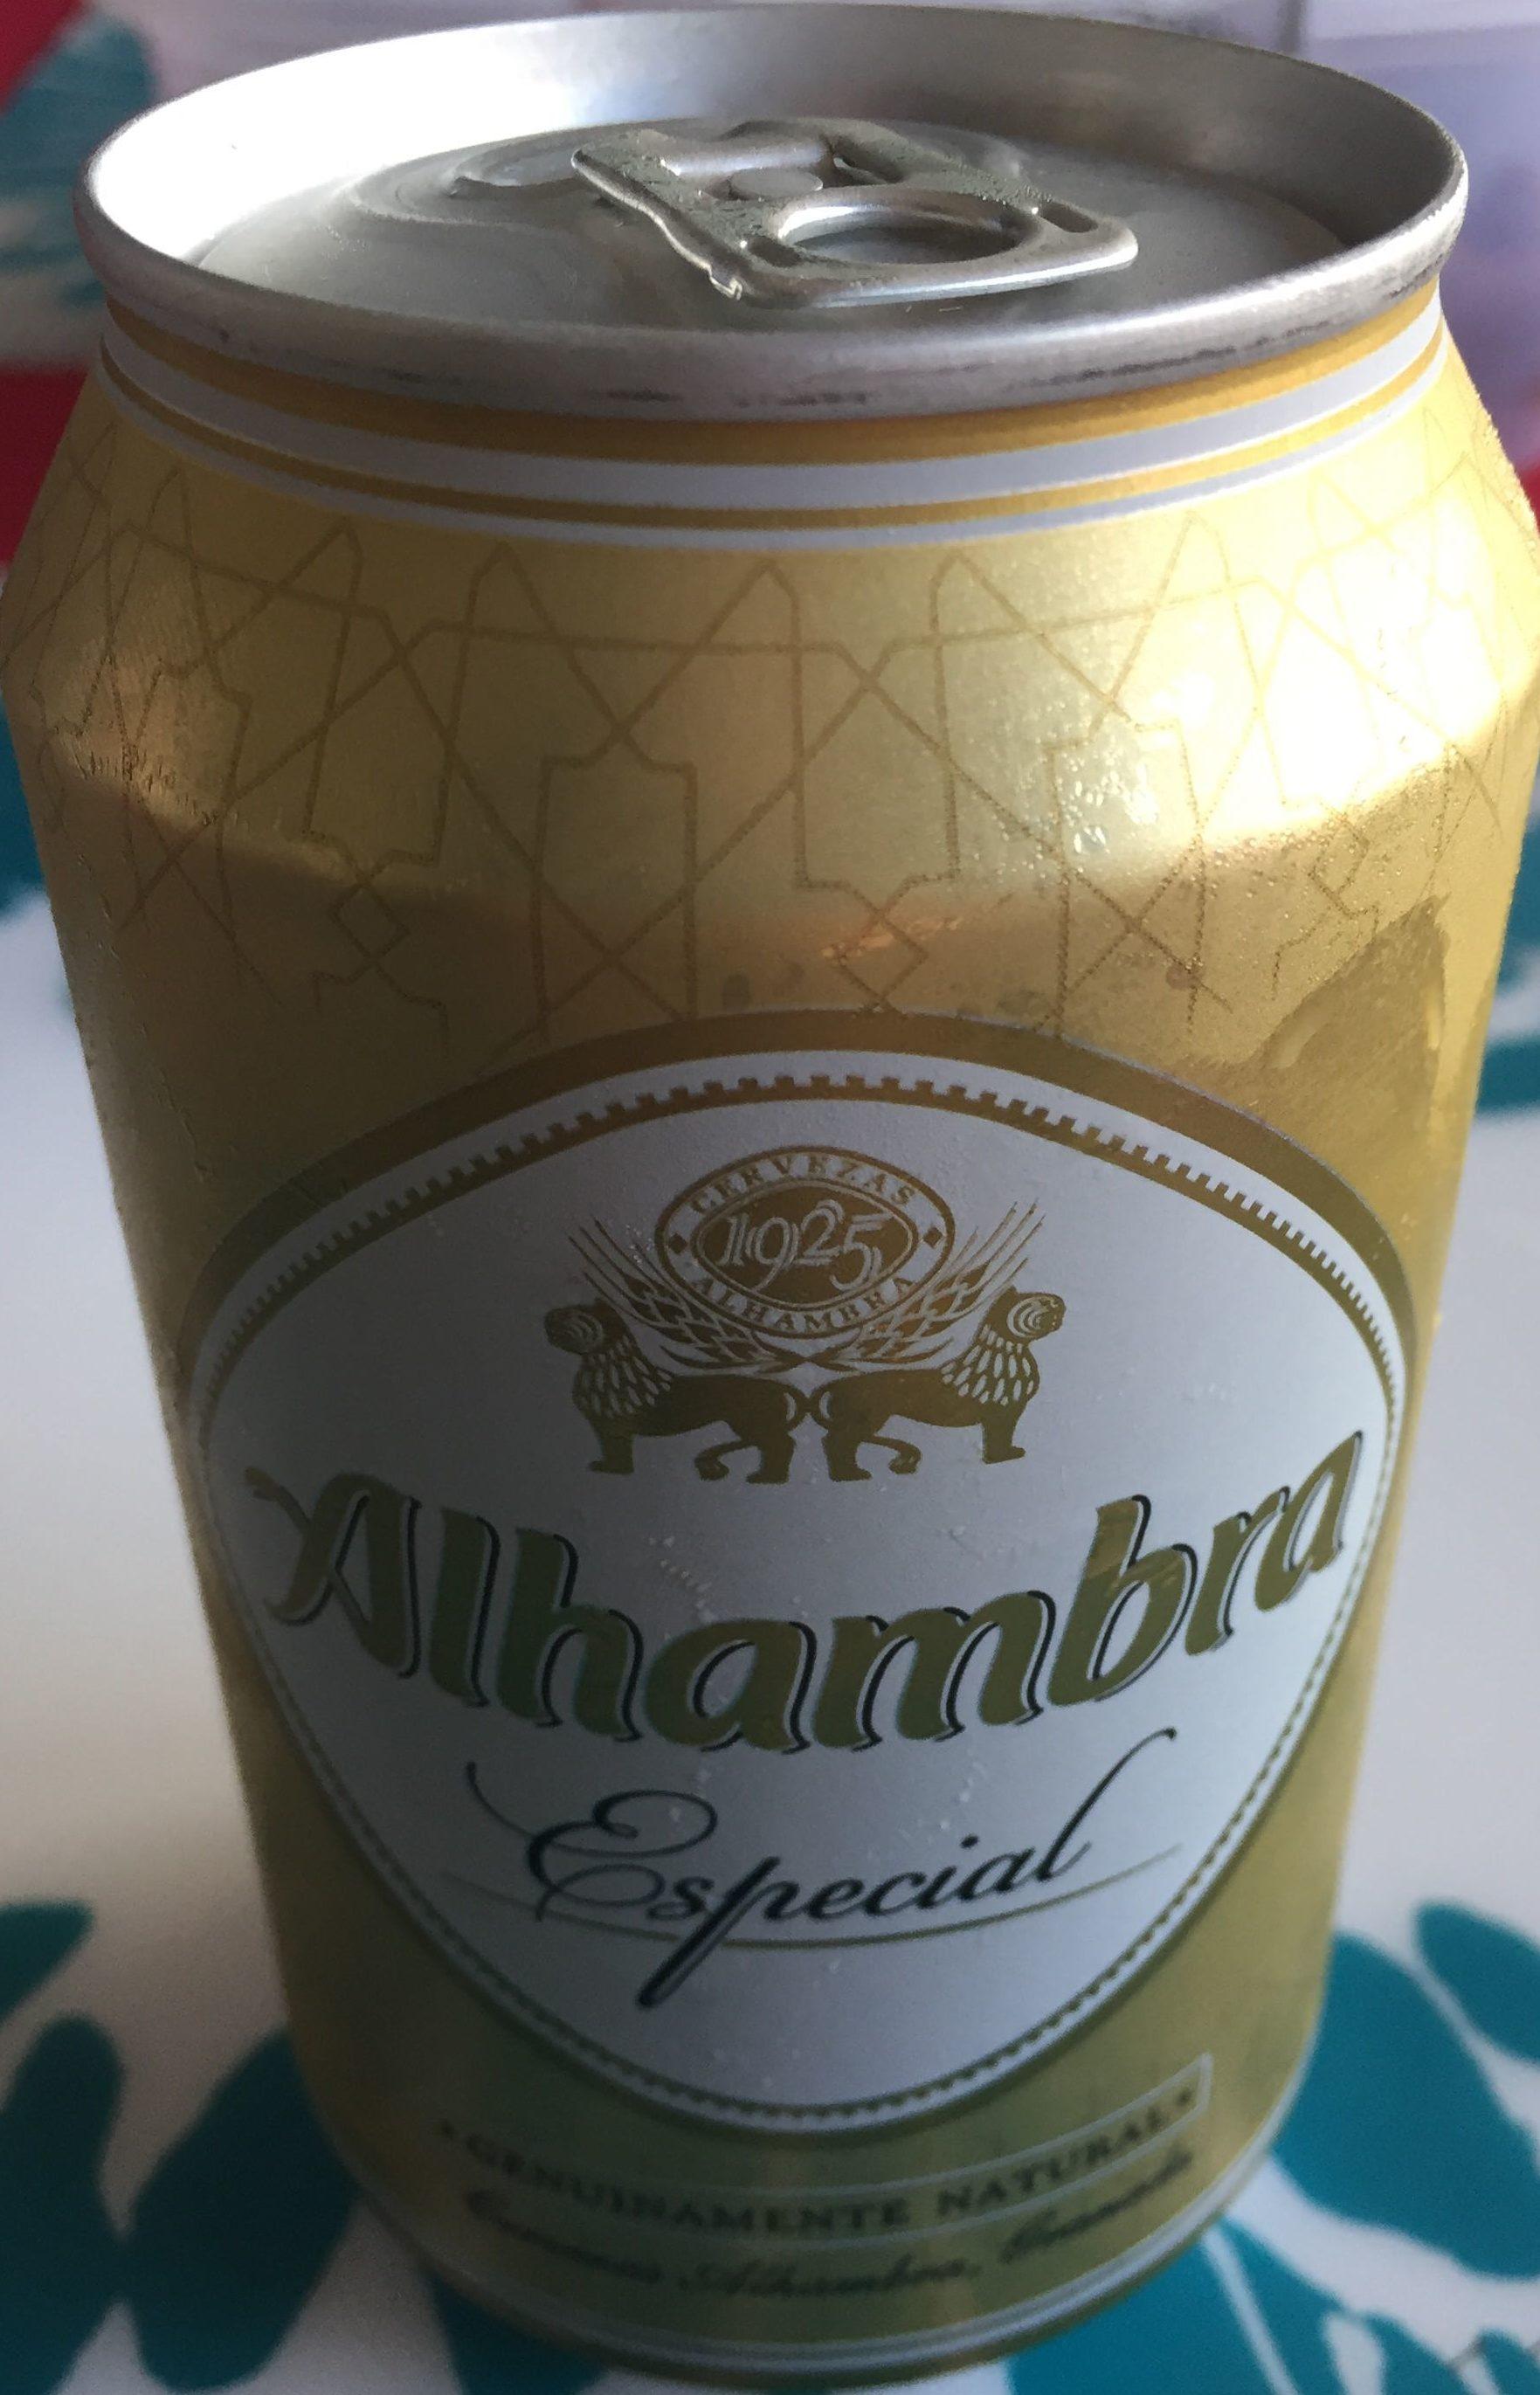 Alhambra especial - Producto - es